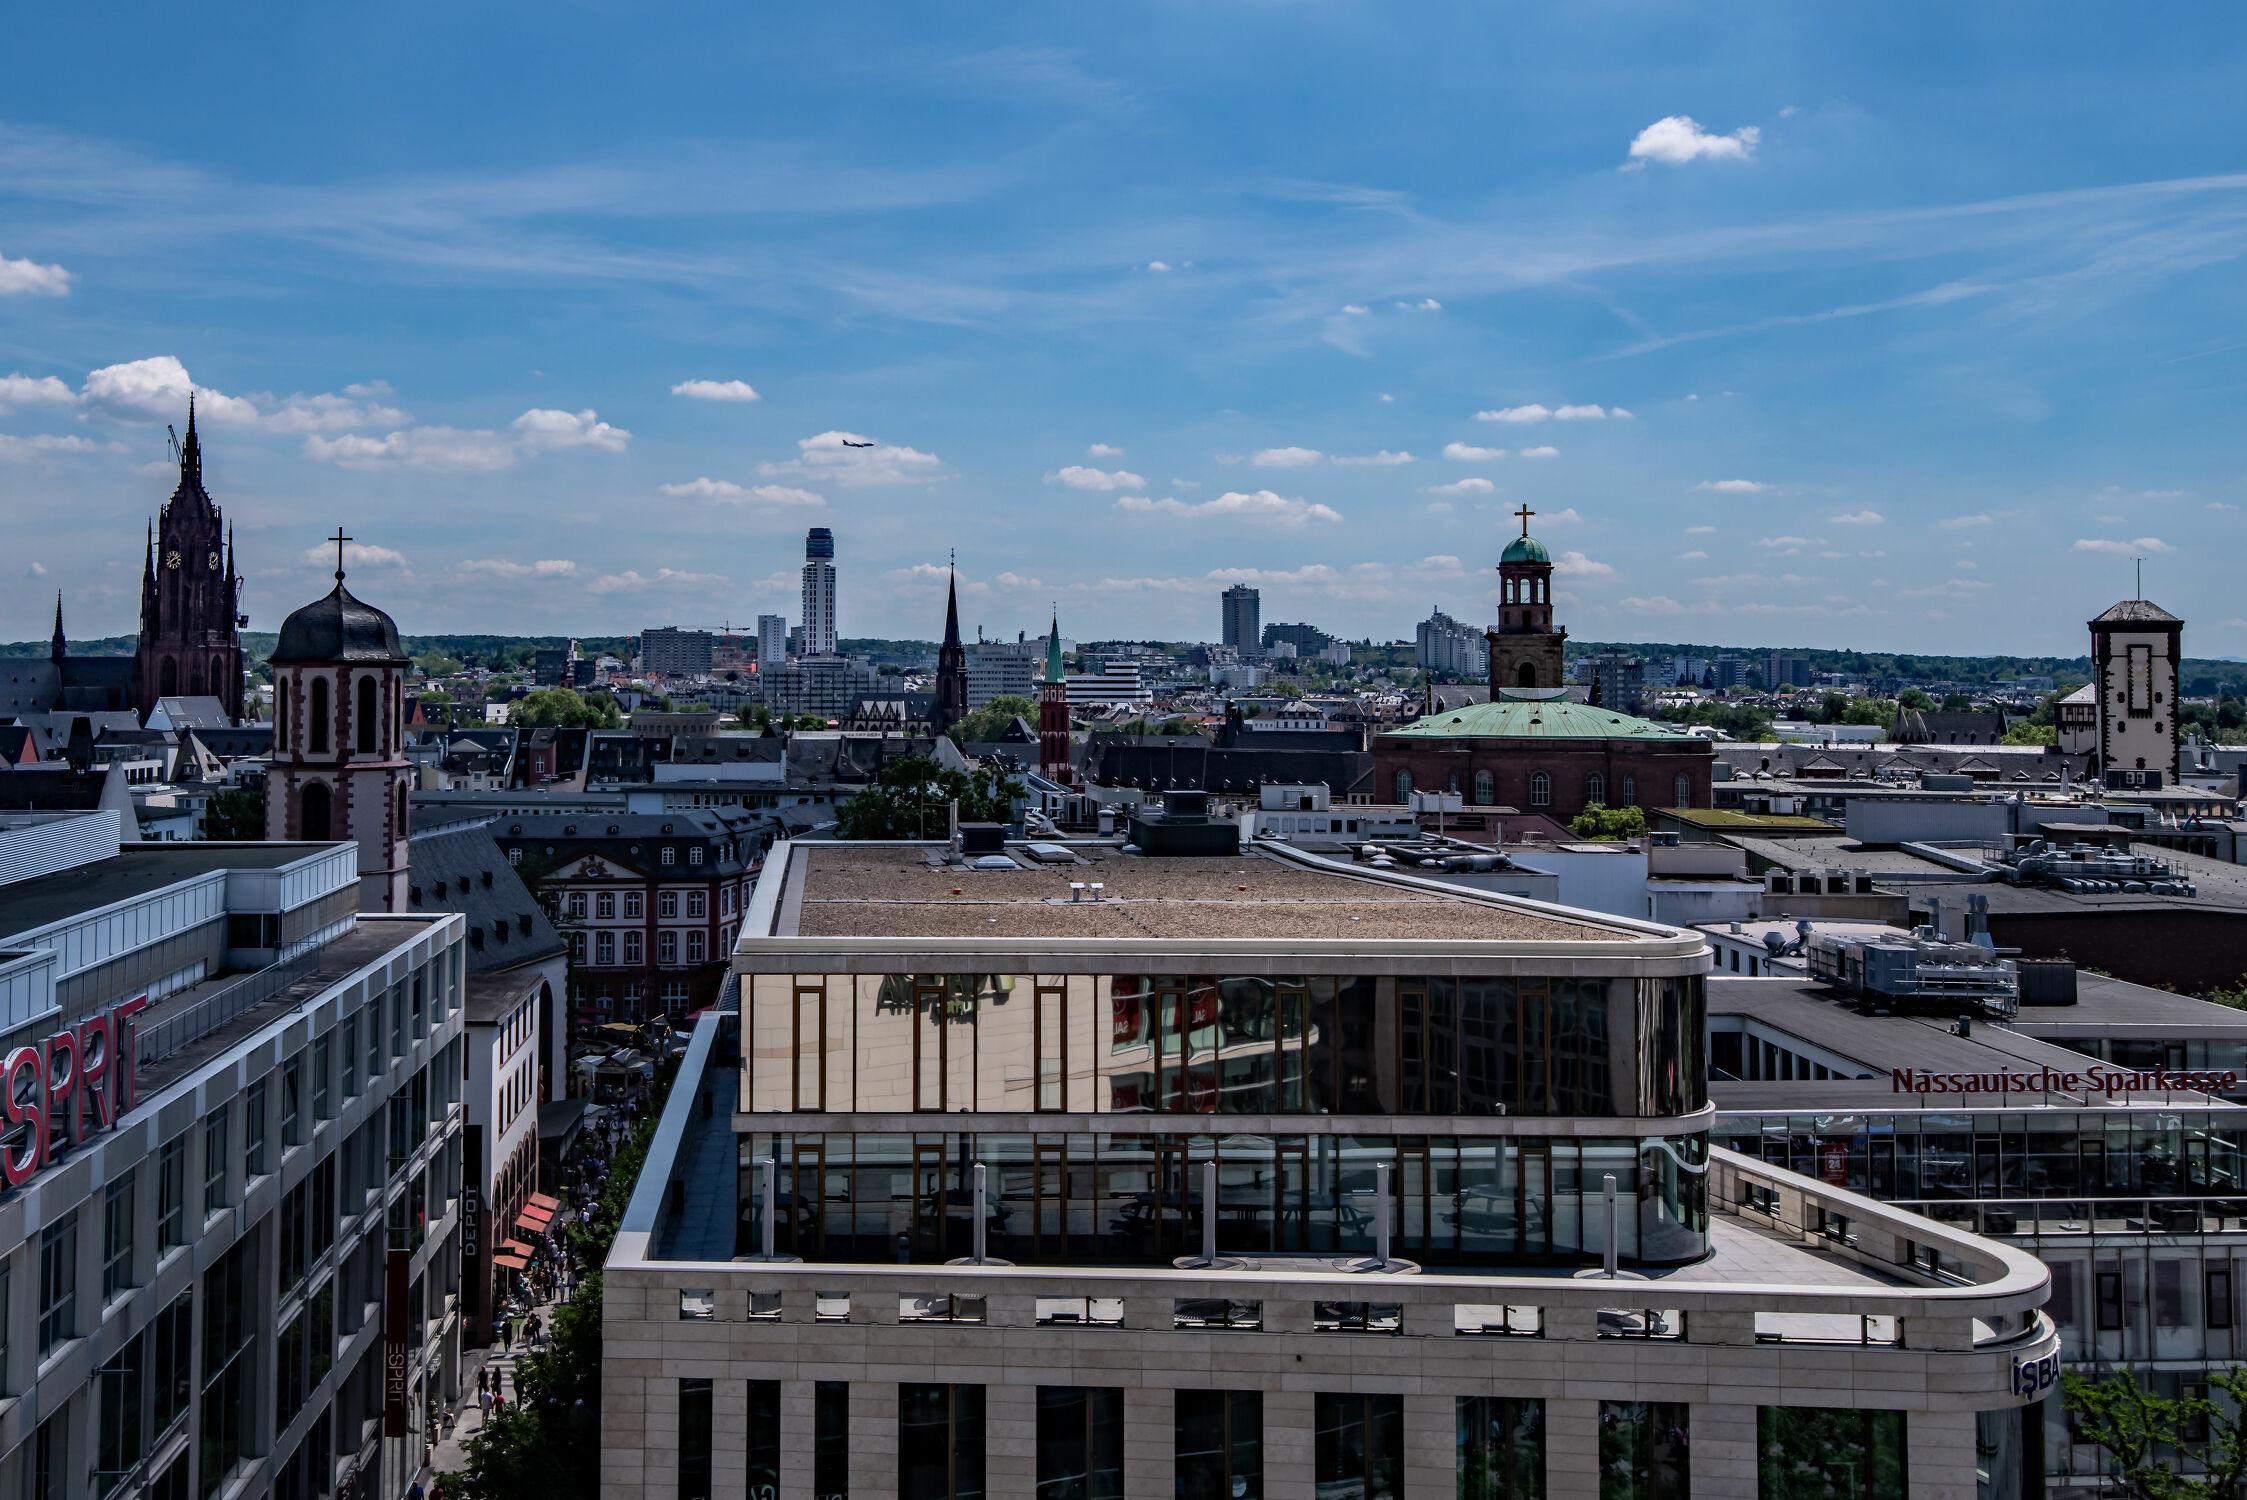 Bild mit Horizont, Deutschland, Glas, Häuser, Stadt, Skylines & Hochhäuser, Frankfurt am Main, hessen, frankfurt, Stahl, Beton, city of frankfurt, Innenstadt, Bürogebäude, rhein main Gebiet